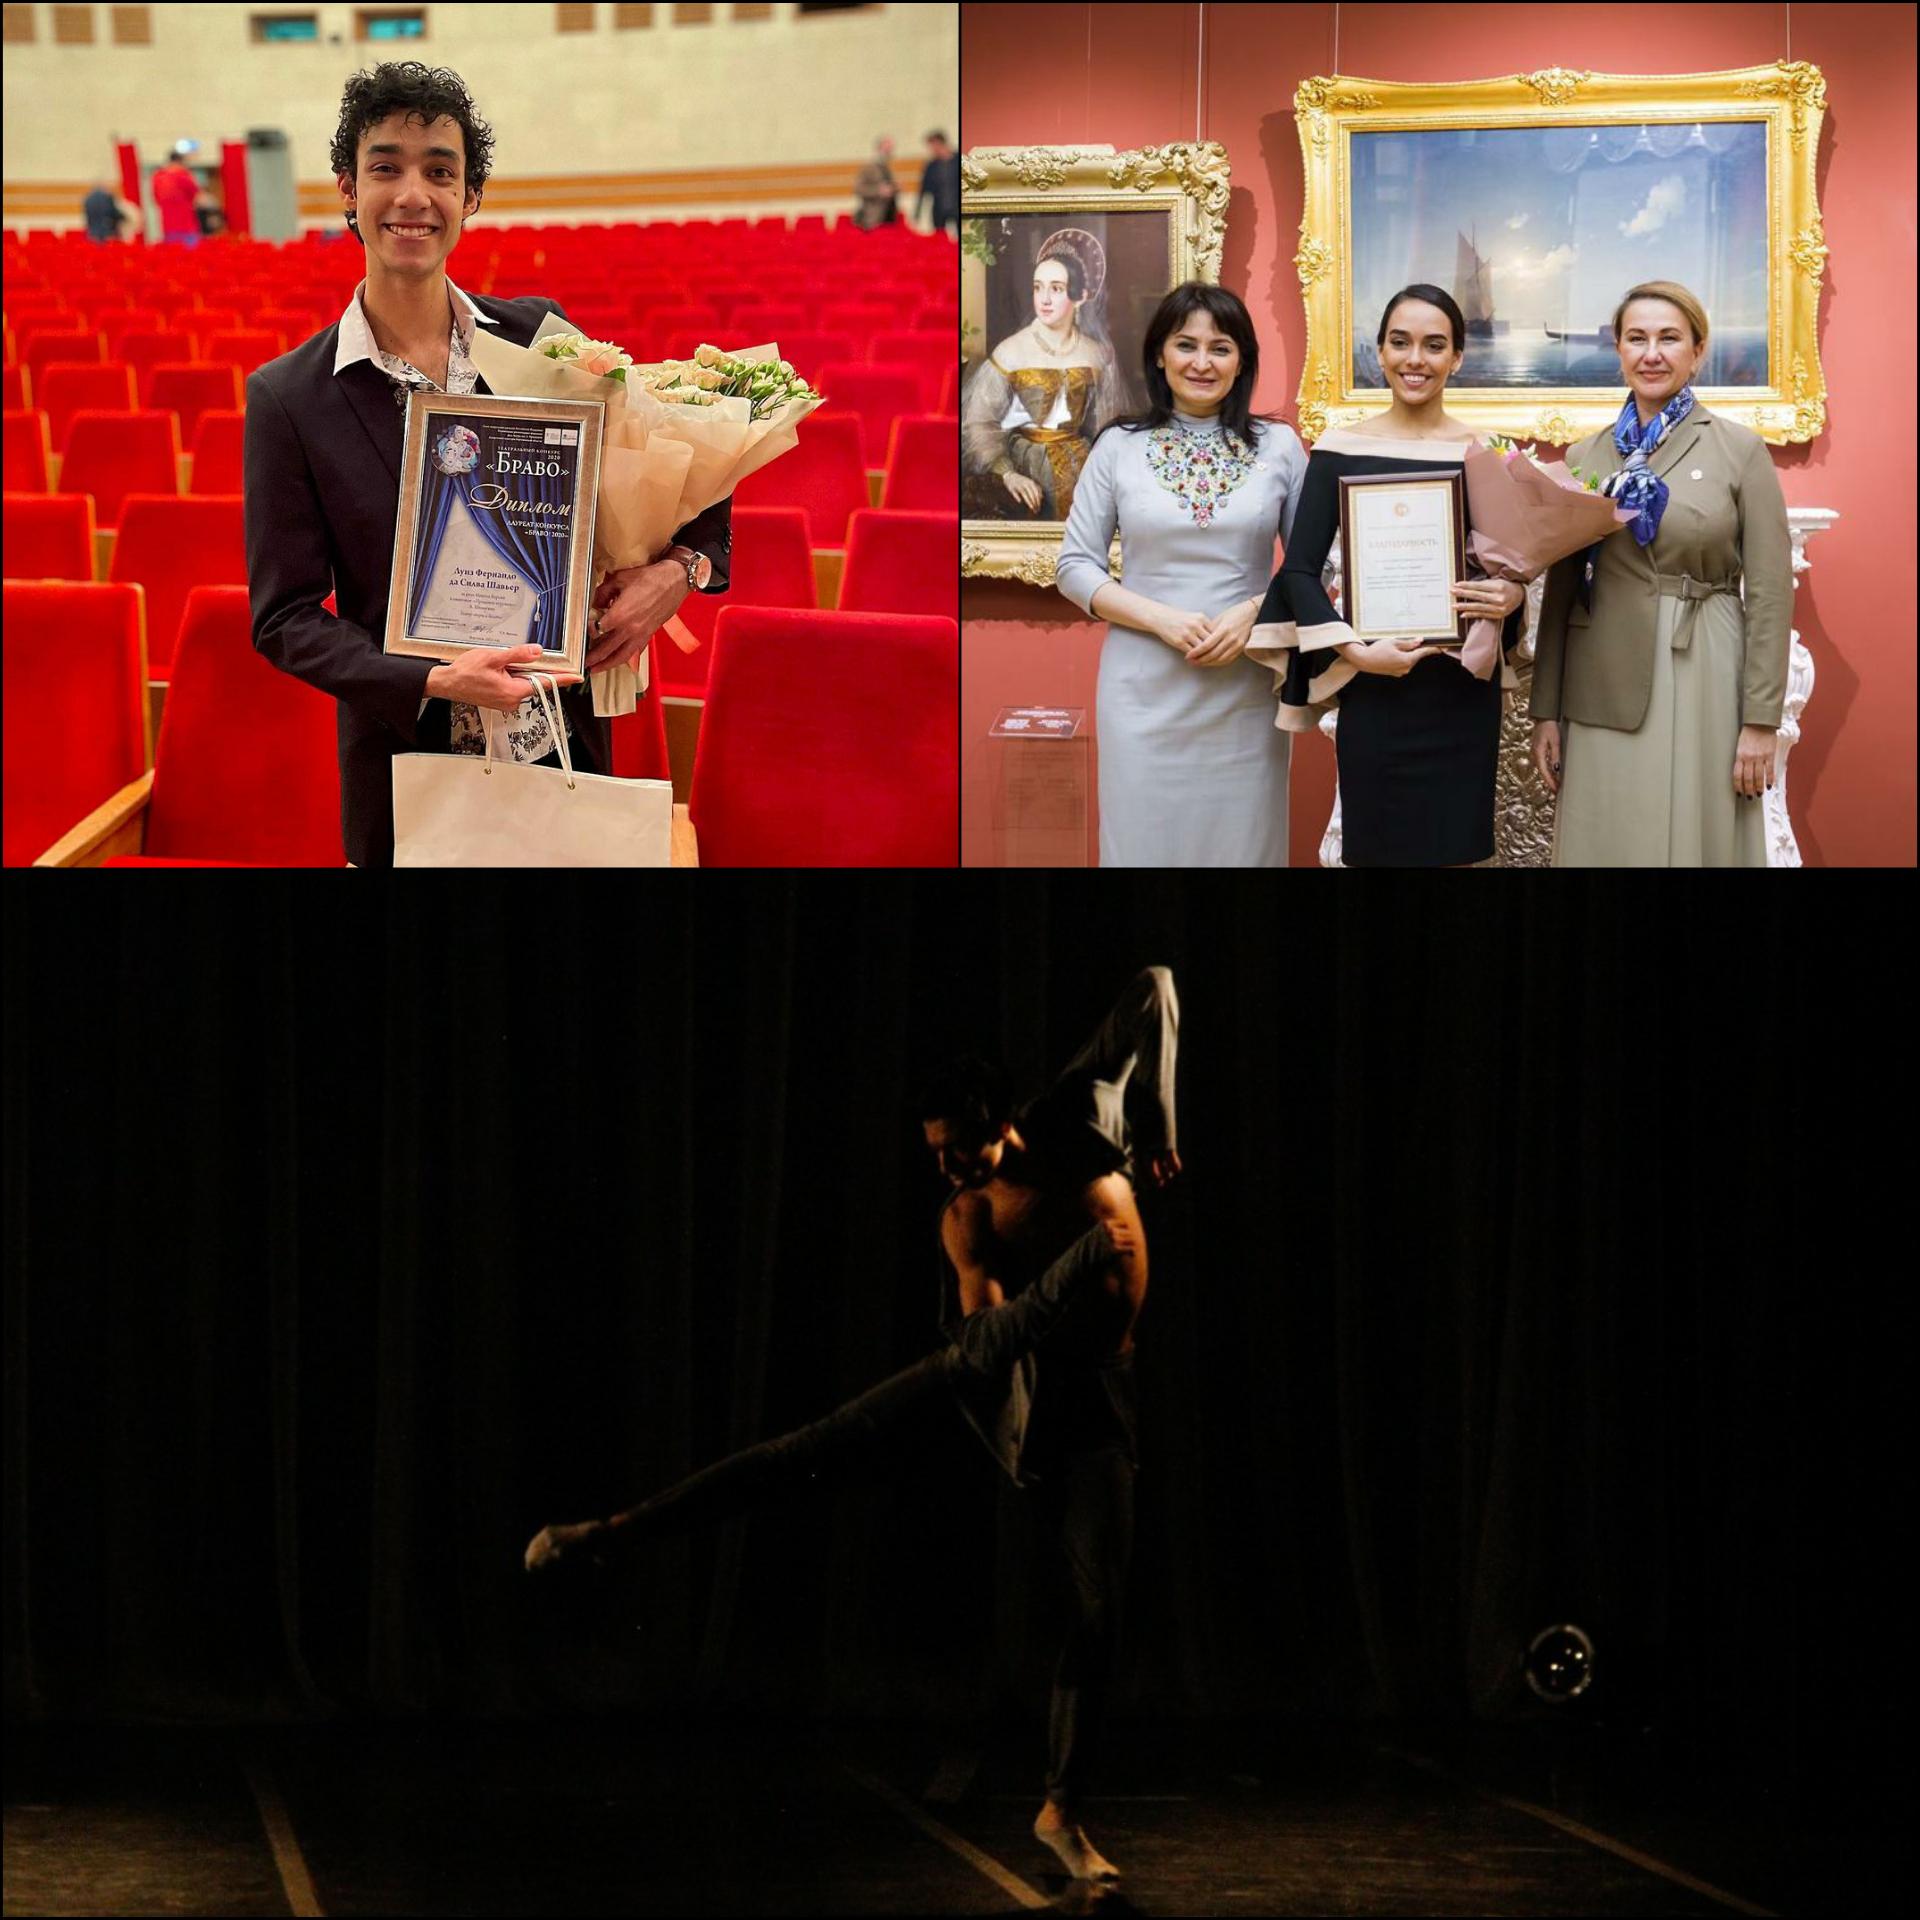 Bailarinos formados no Bolshoi Brasil são premiados